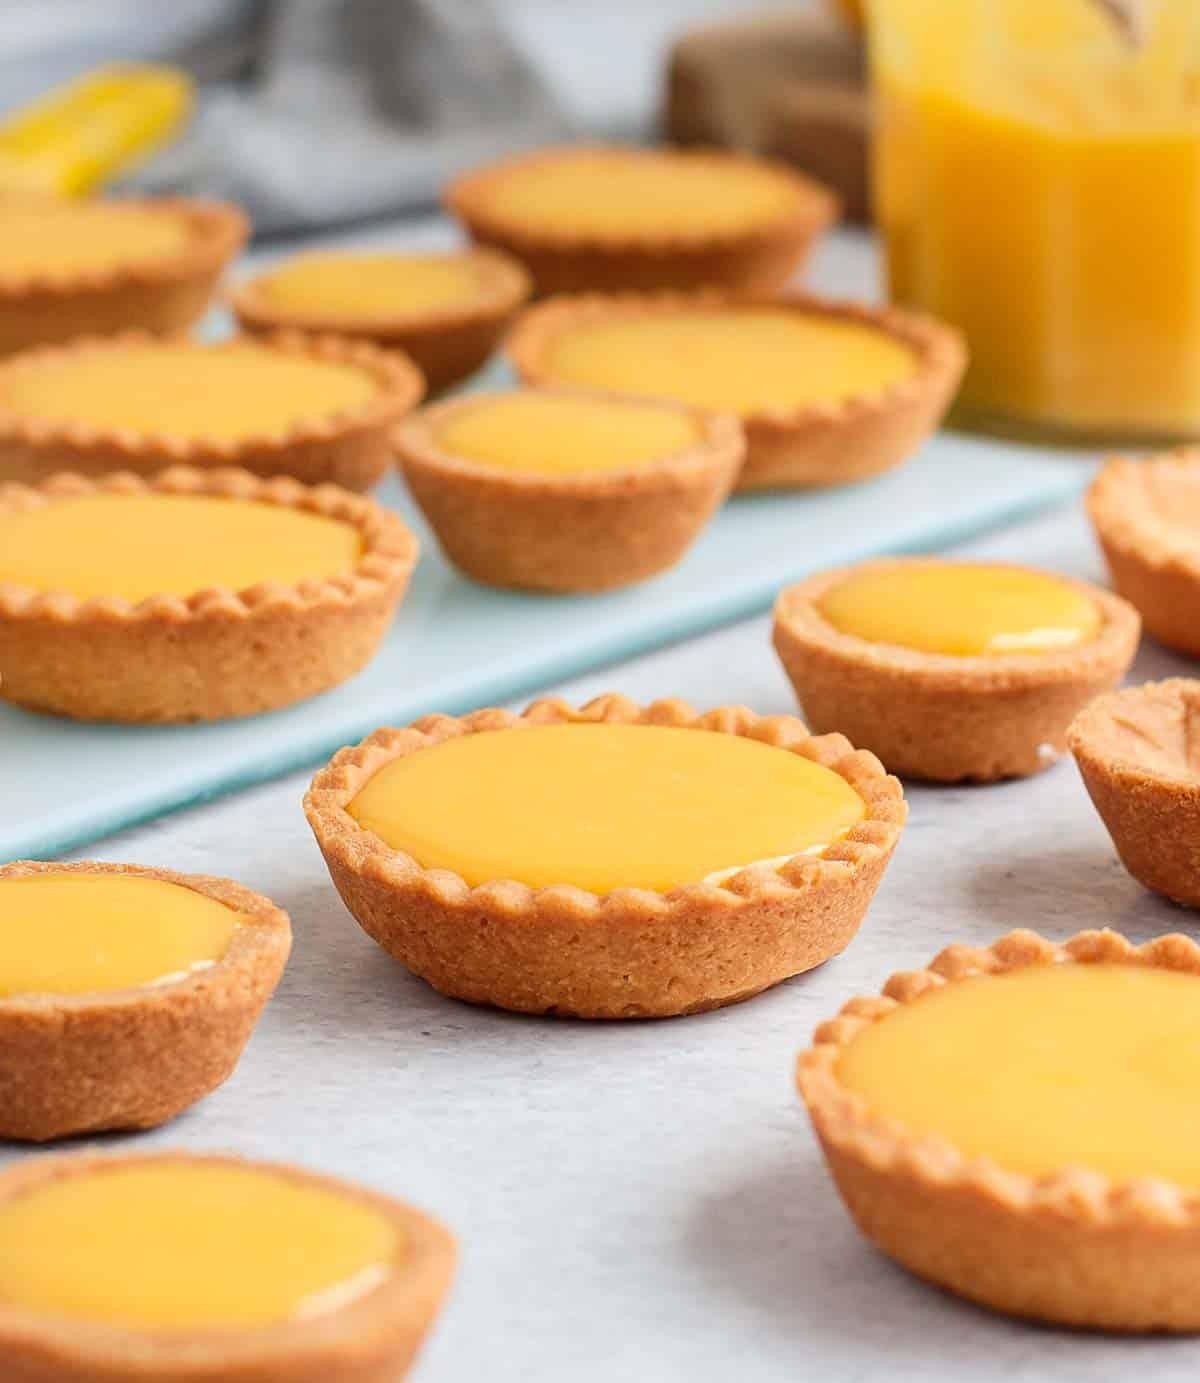 Finished lemon tarts on a grey surface.